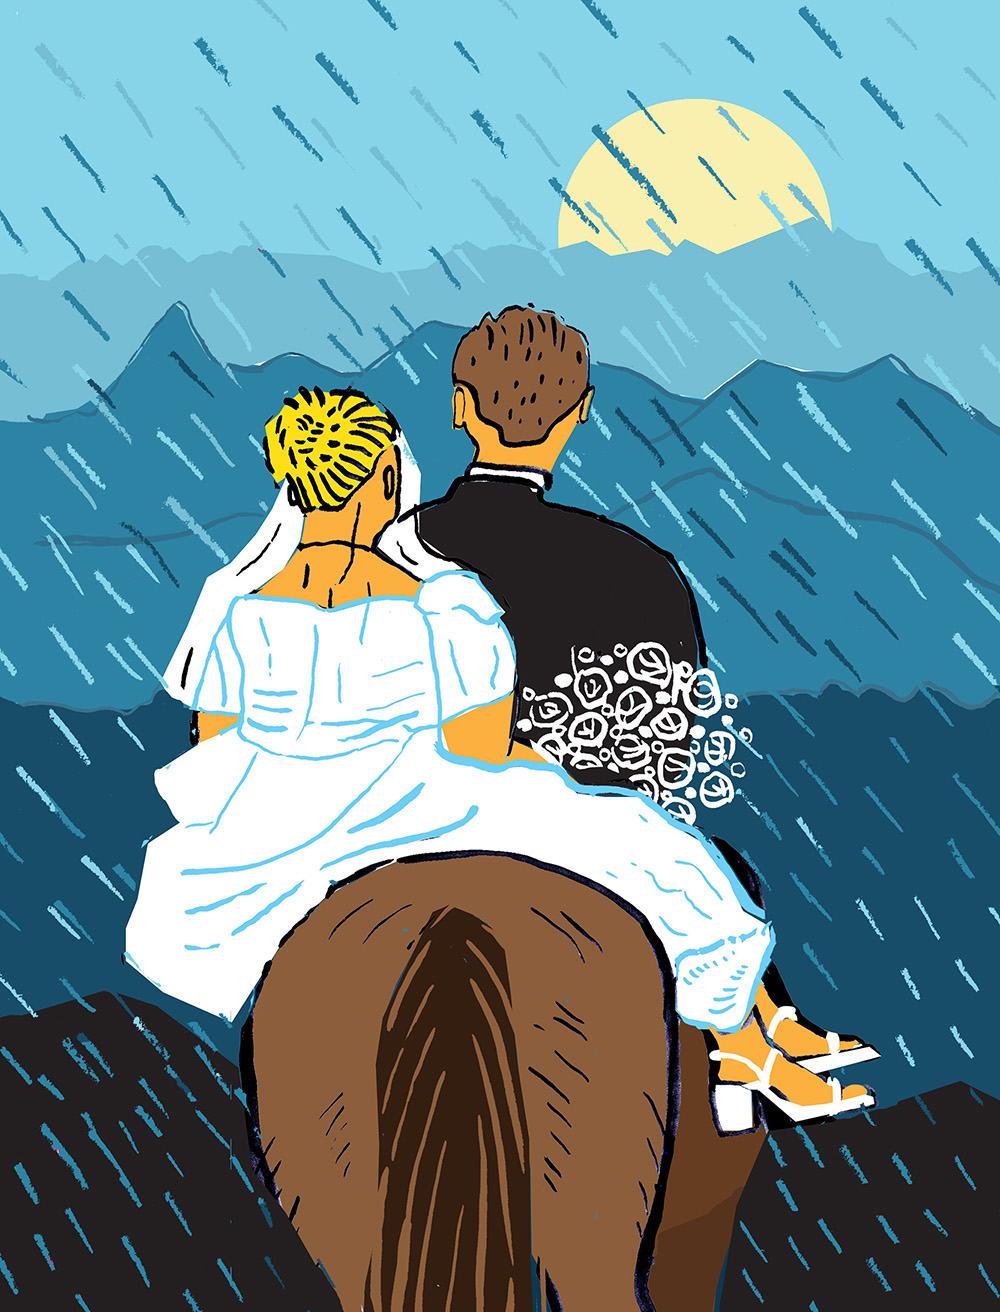 Die romantische Liebe ist am Ende